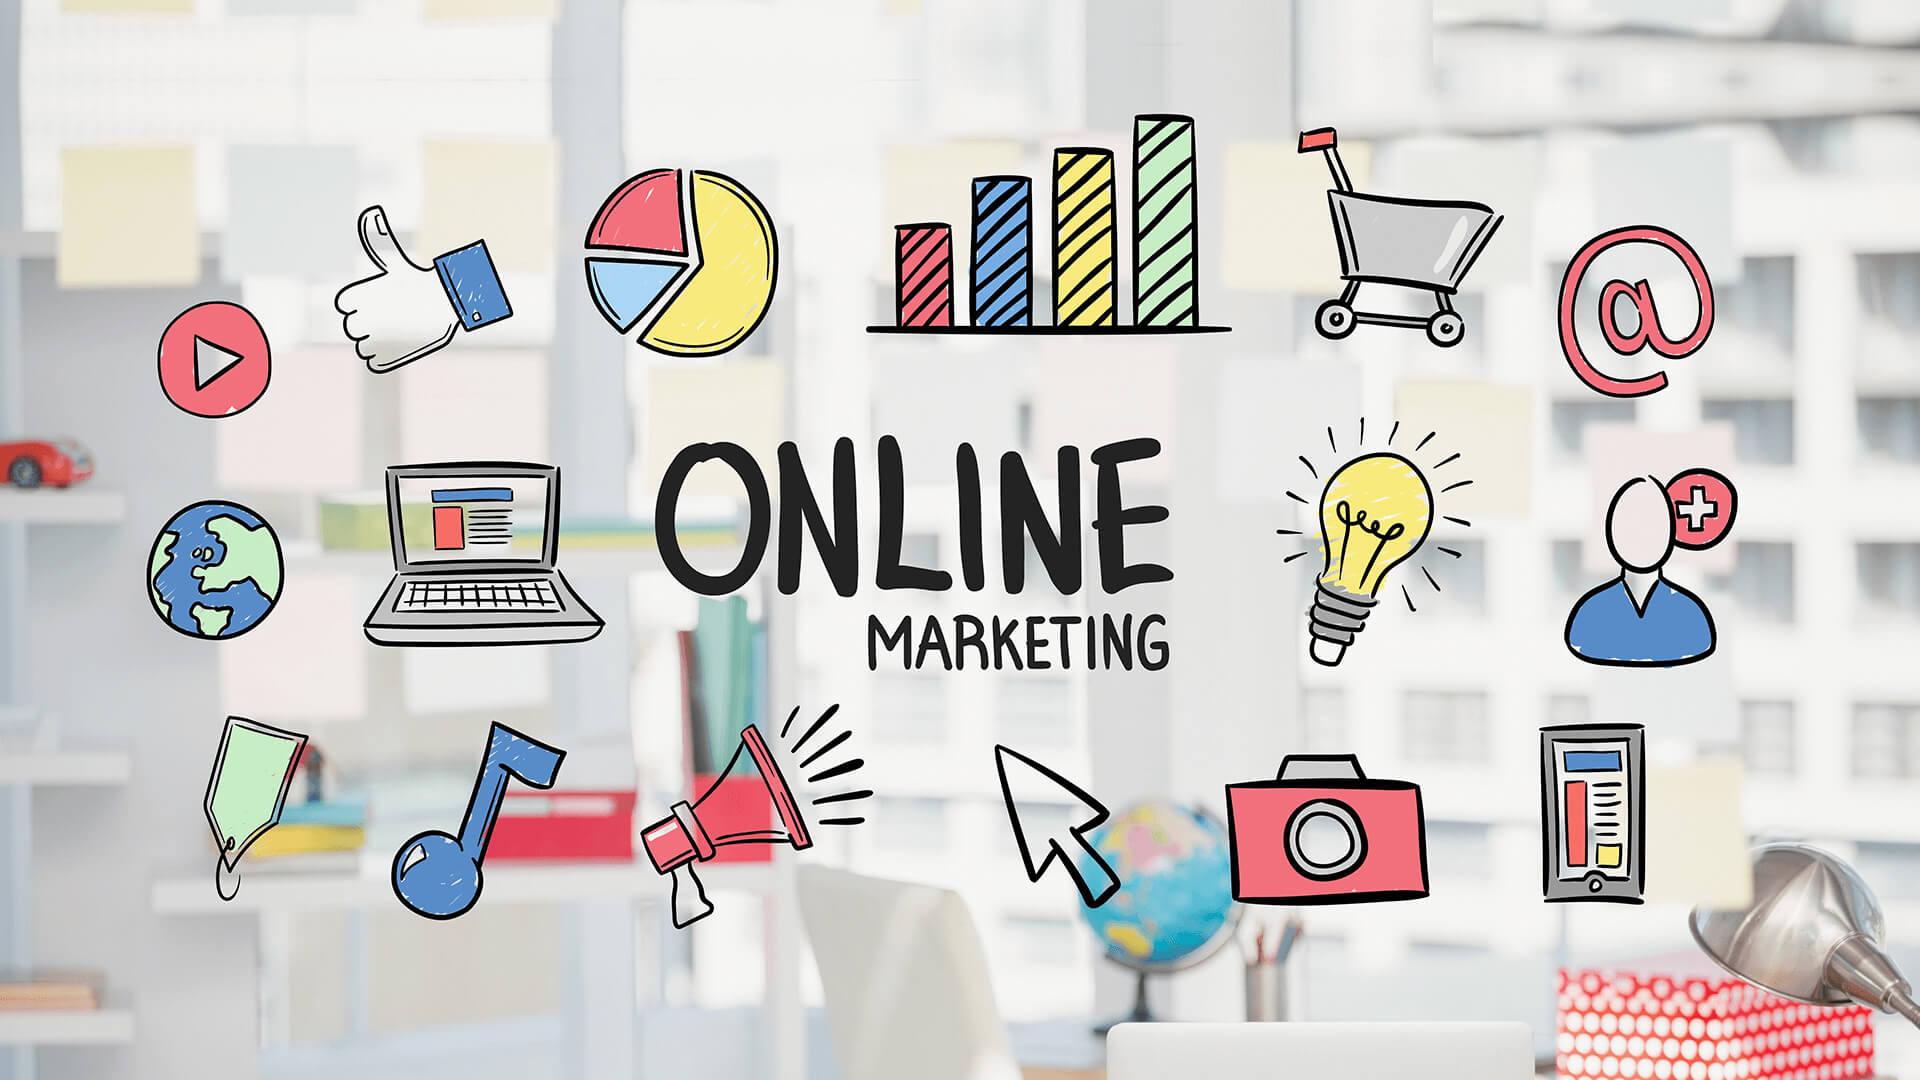 Diplomado en estrategia de mercadotecnia digital lci for Diplomado en diseno de interiores online